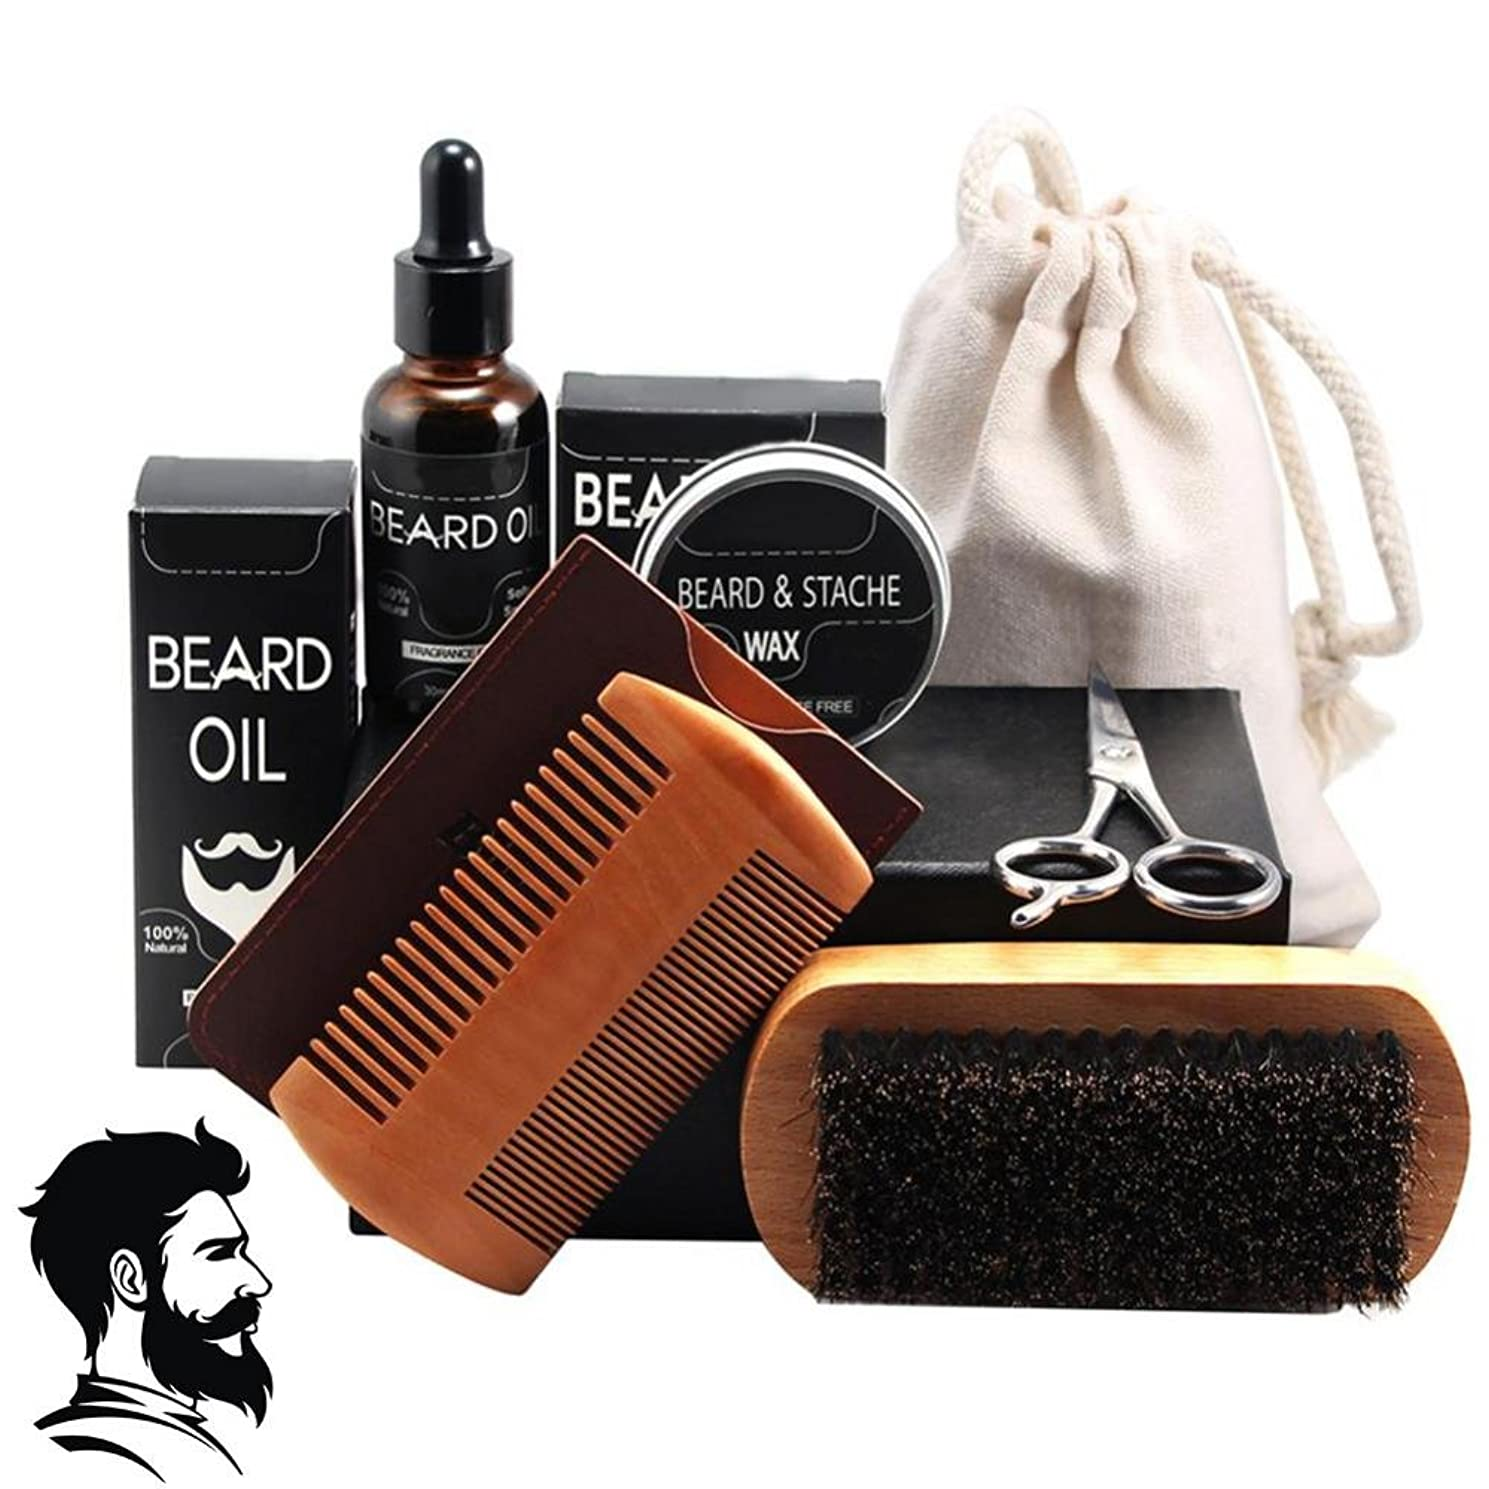 一人で移住する想像するあごひげ油、男性の口ひげフルセットヘアケアツール(ひげワックスくし付き)(7PCSのパック)用シェービングブラシプロフェッショナルフェイシャルトリミングハサミ